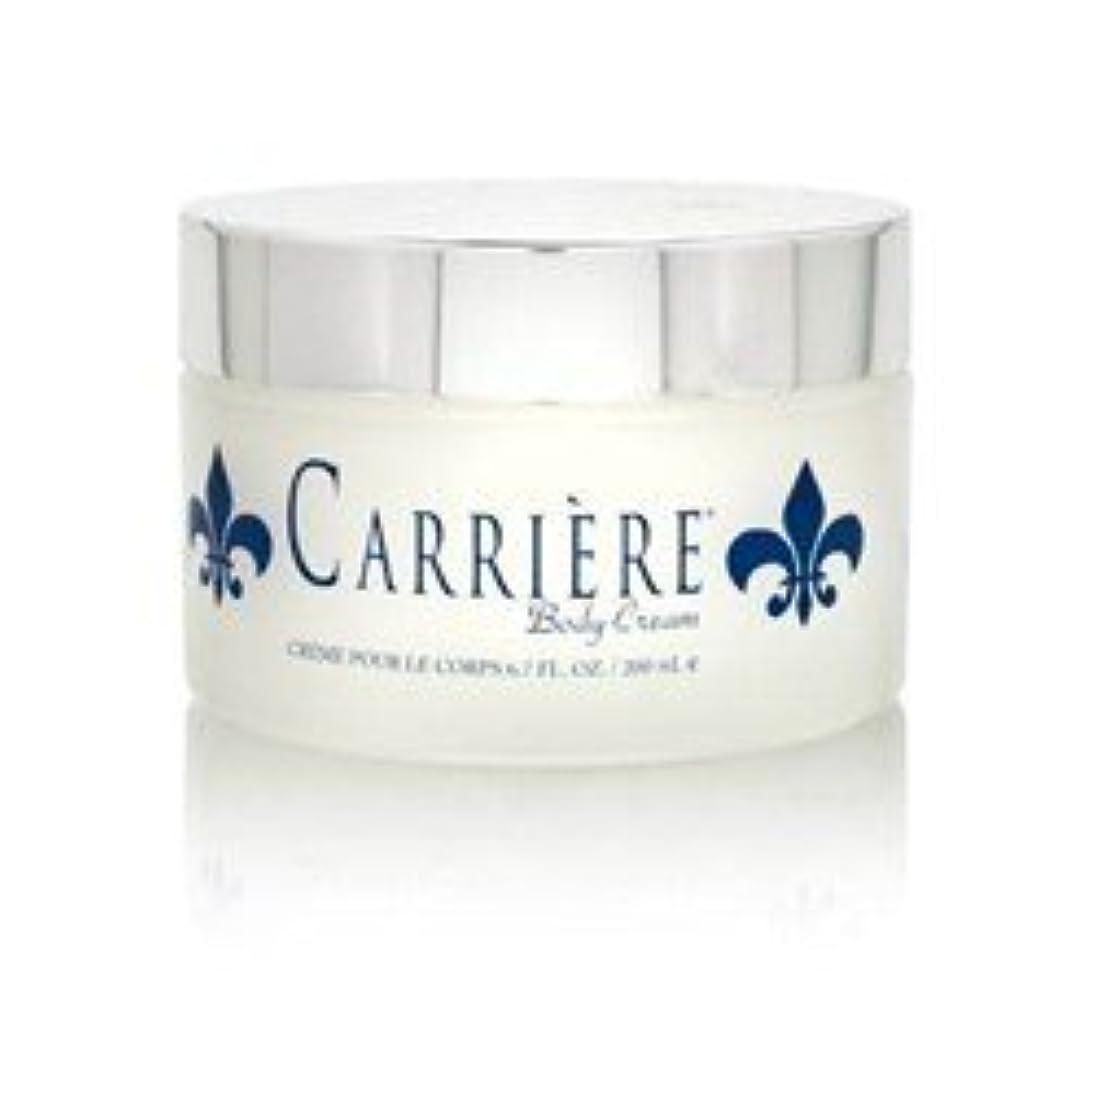 パイロット韓国語読者Carriere (キャリアー)  6.7 oz (200ml) Perfumed Body Cream (ボディークリーム) by Gendarme for Women